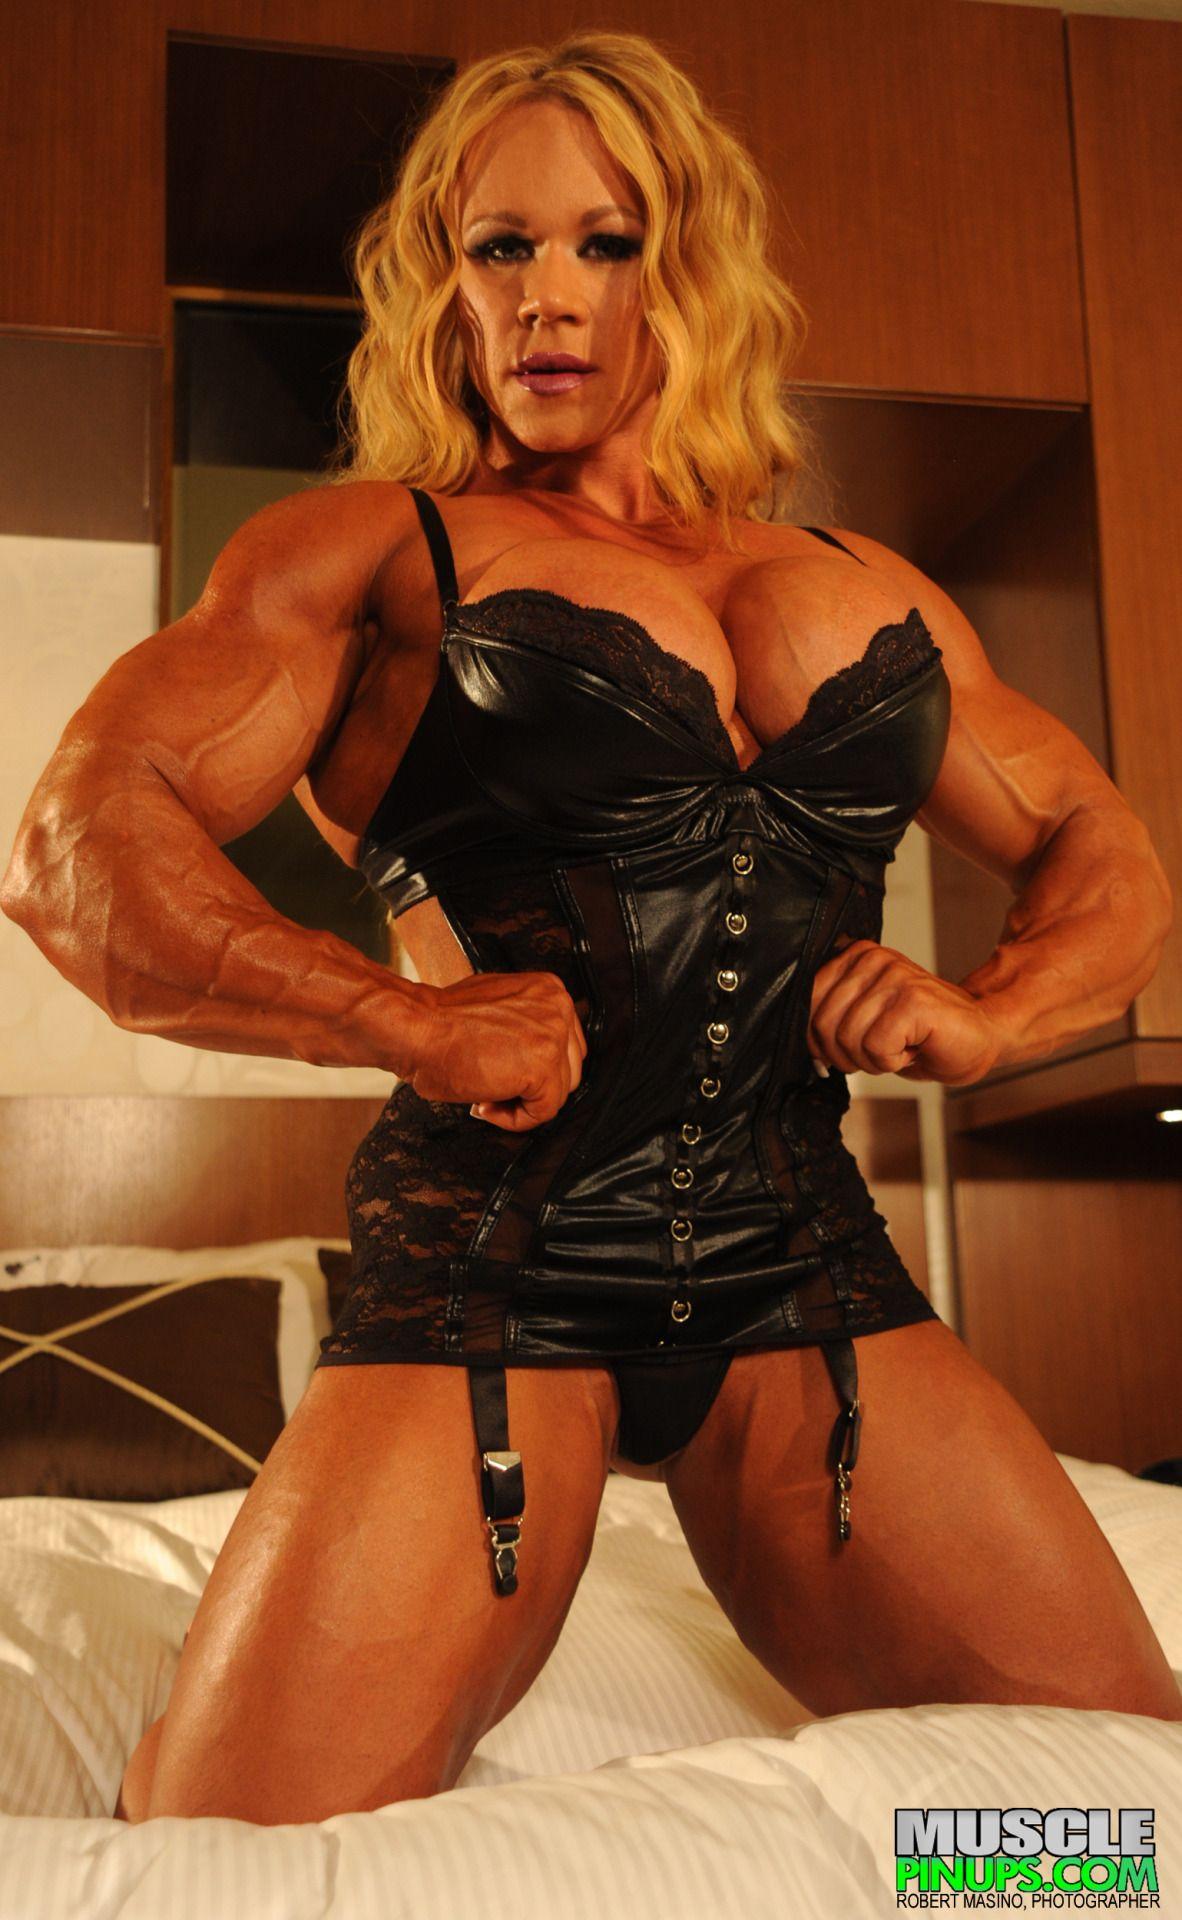 Huge muscular women, fukking women